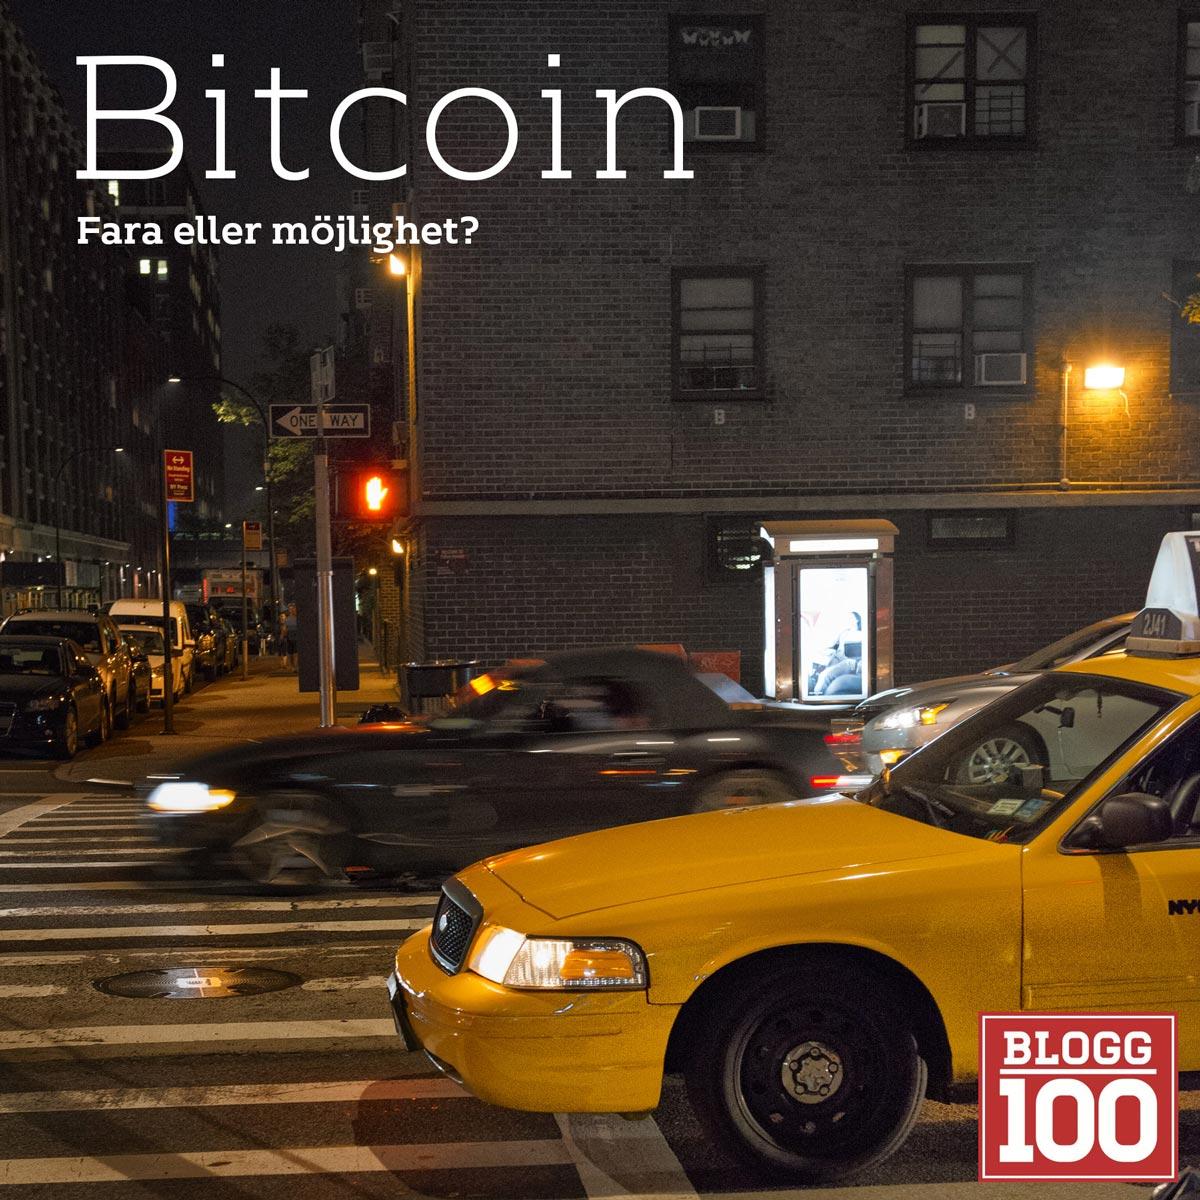 Bitcoin, valutan bankerna inte kan blunda för #blogg100 #fb